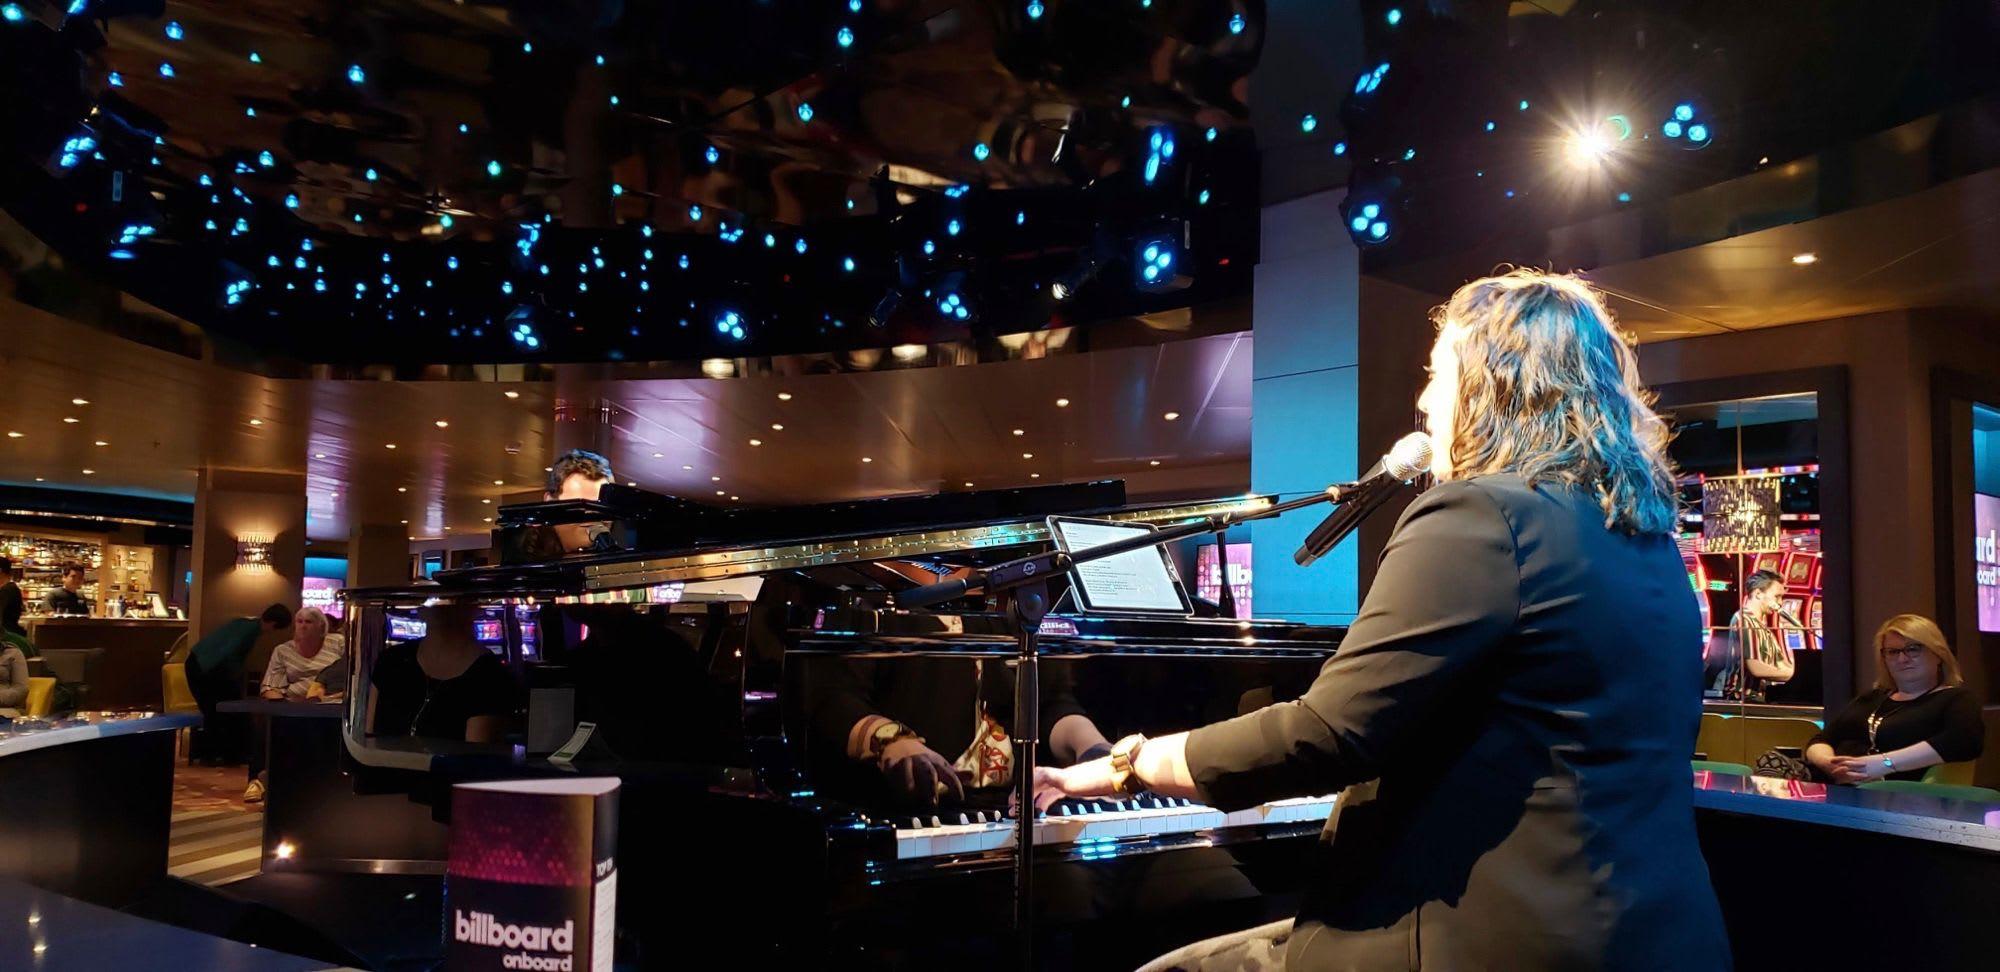 2台のグランドピアノで圧巻の演奏